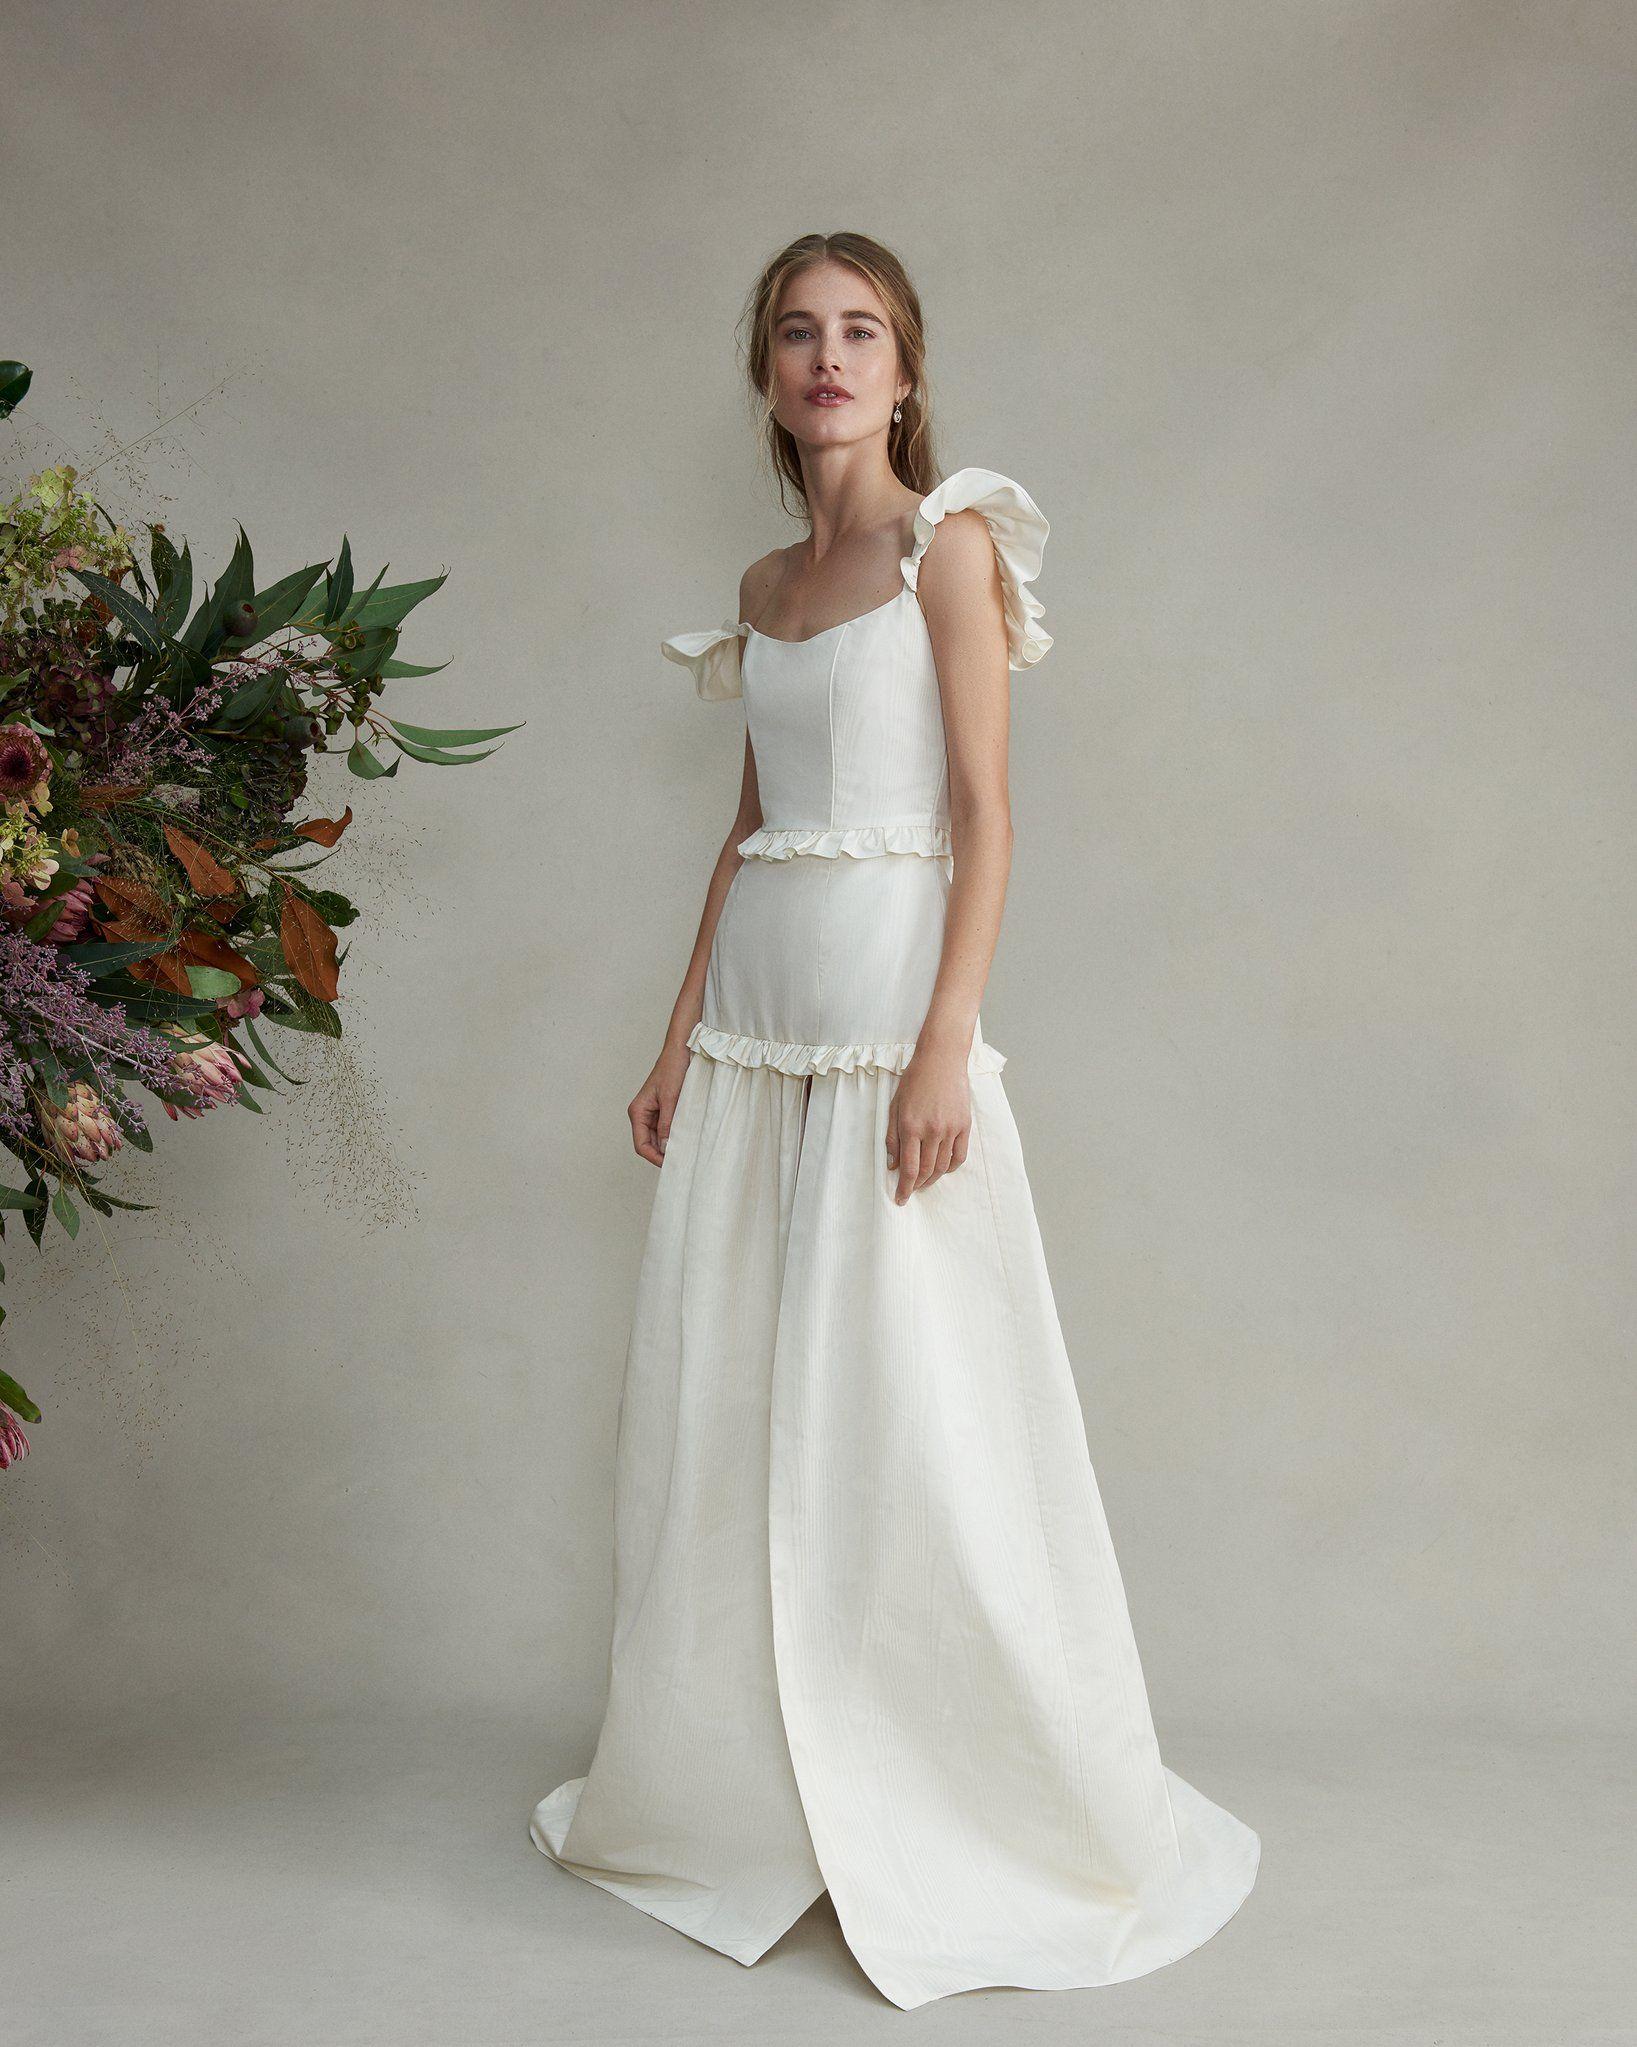 Pin by Maddie O'Malley on arizona wedding   Drop waist wedding ...